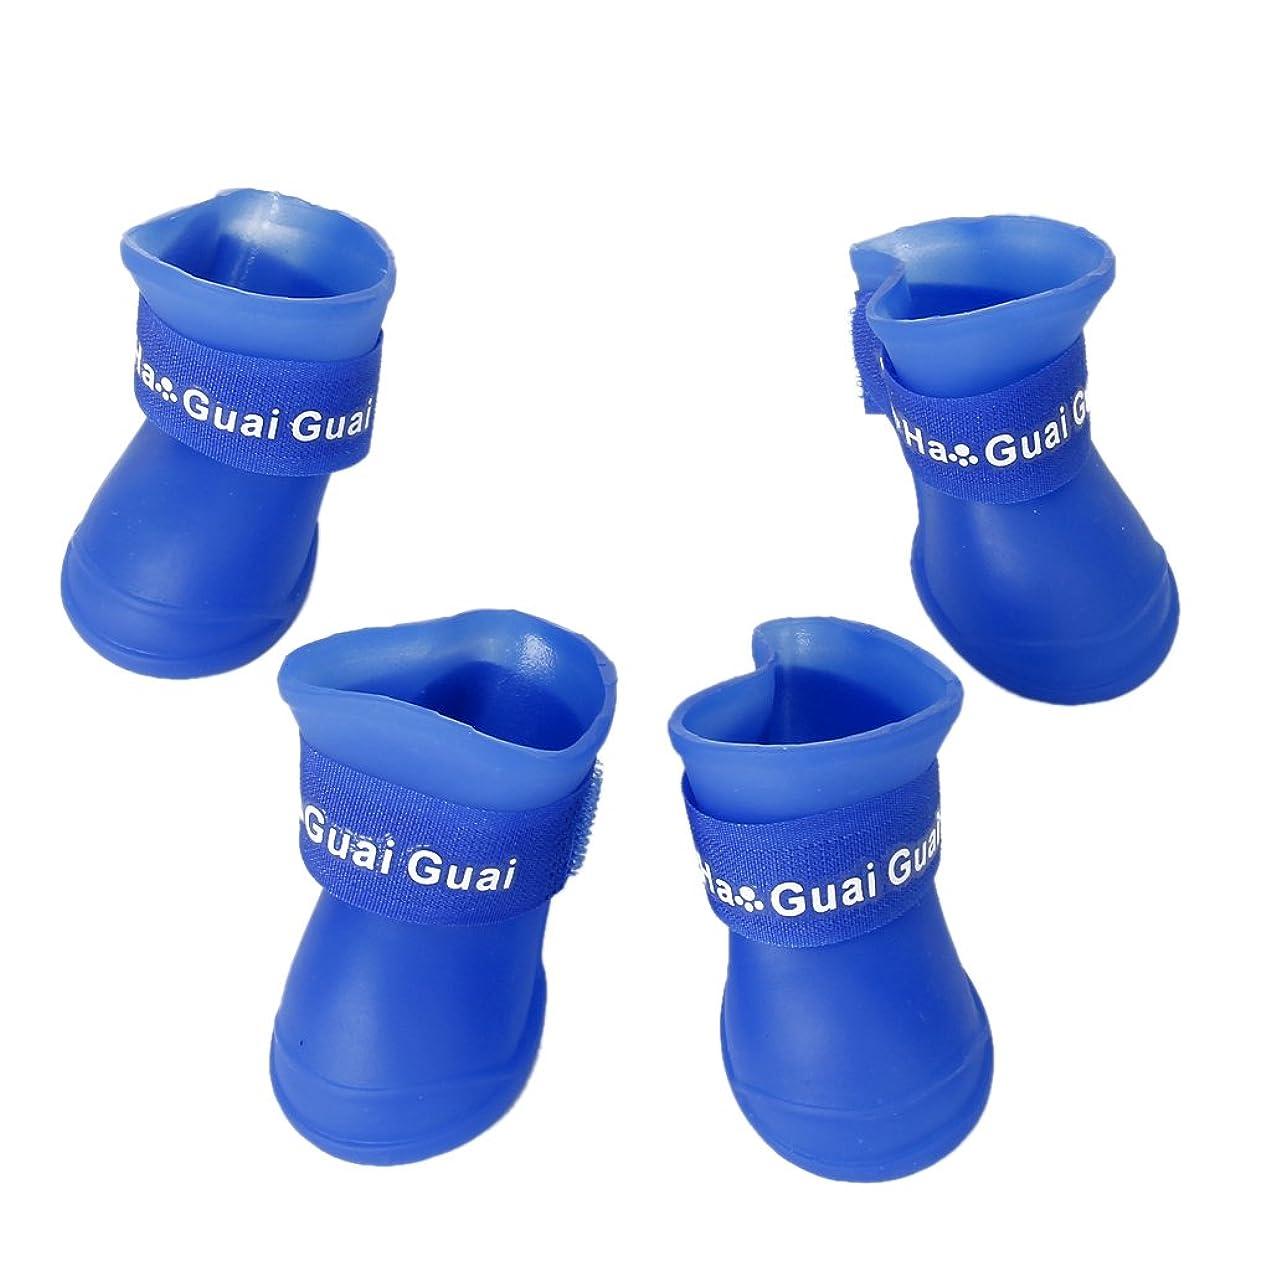 目の前の広げるビーチamleso 雨靴 レインシューズ ペット用品 防水 滑り止め 便利性 耐久性 樹脂製 犬用 - ブルー, L